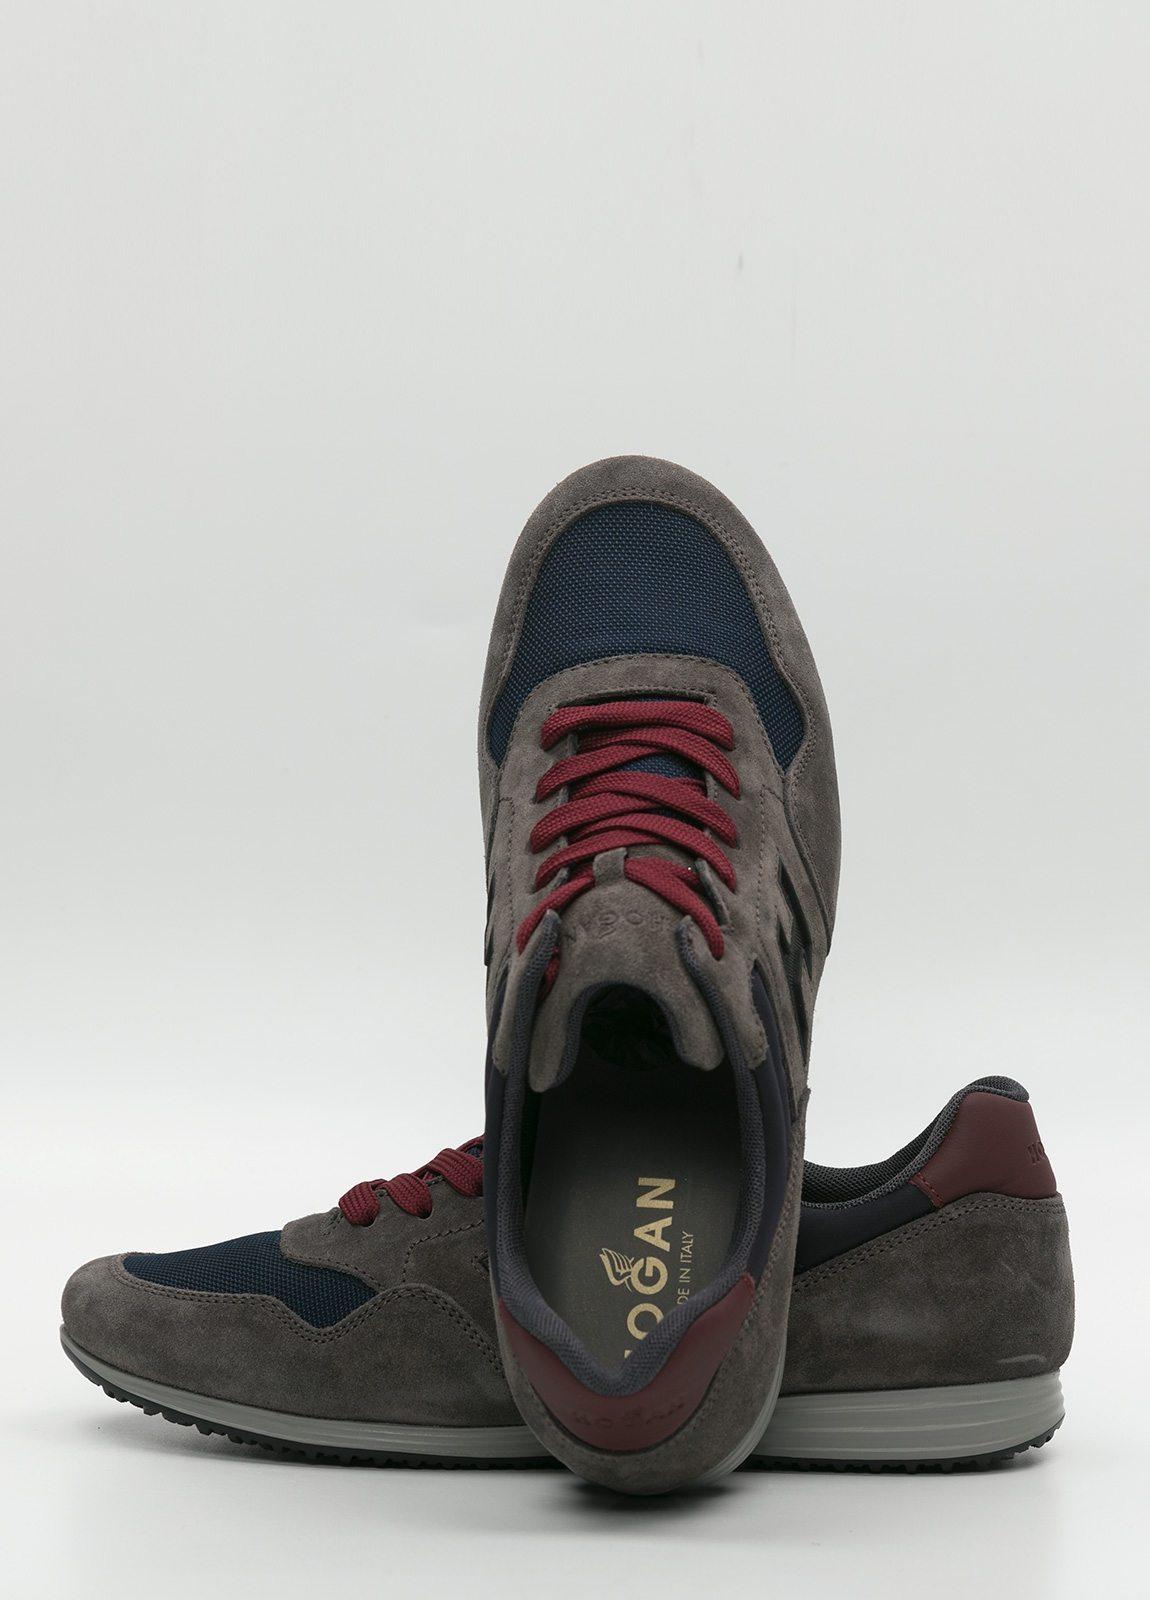 Calzado sport color gris y azul. Combinación de piel, ante y tejido técnico - Ítem2